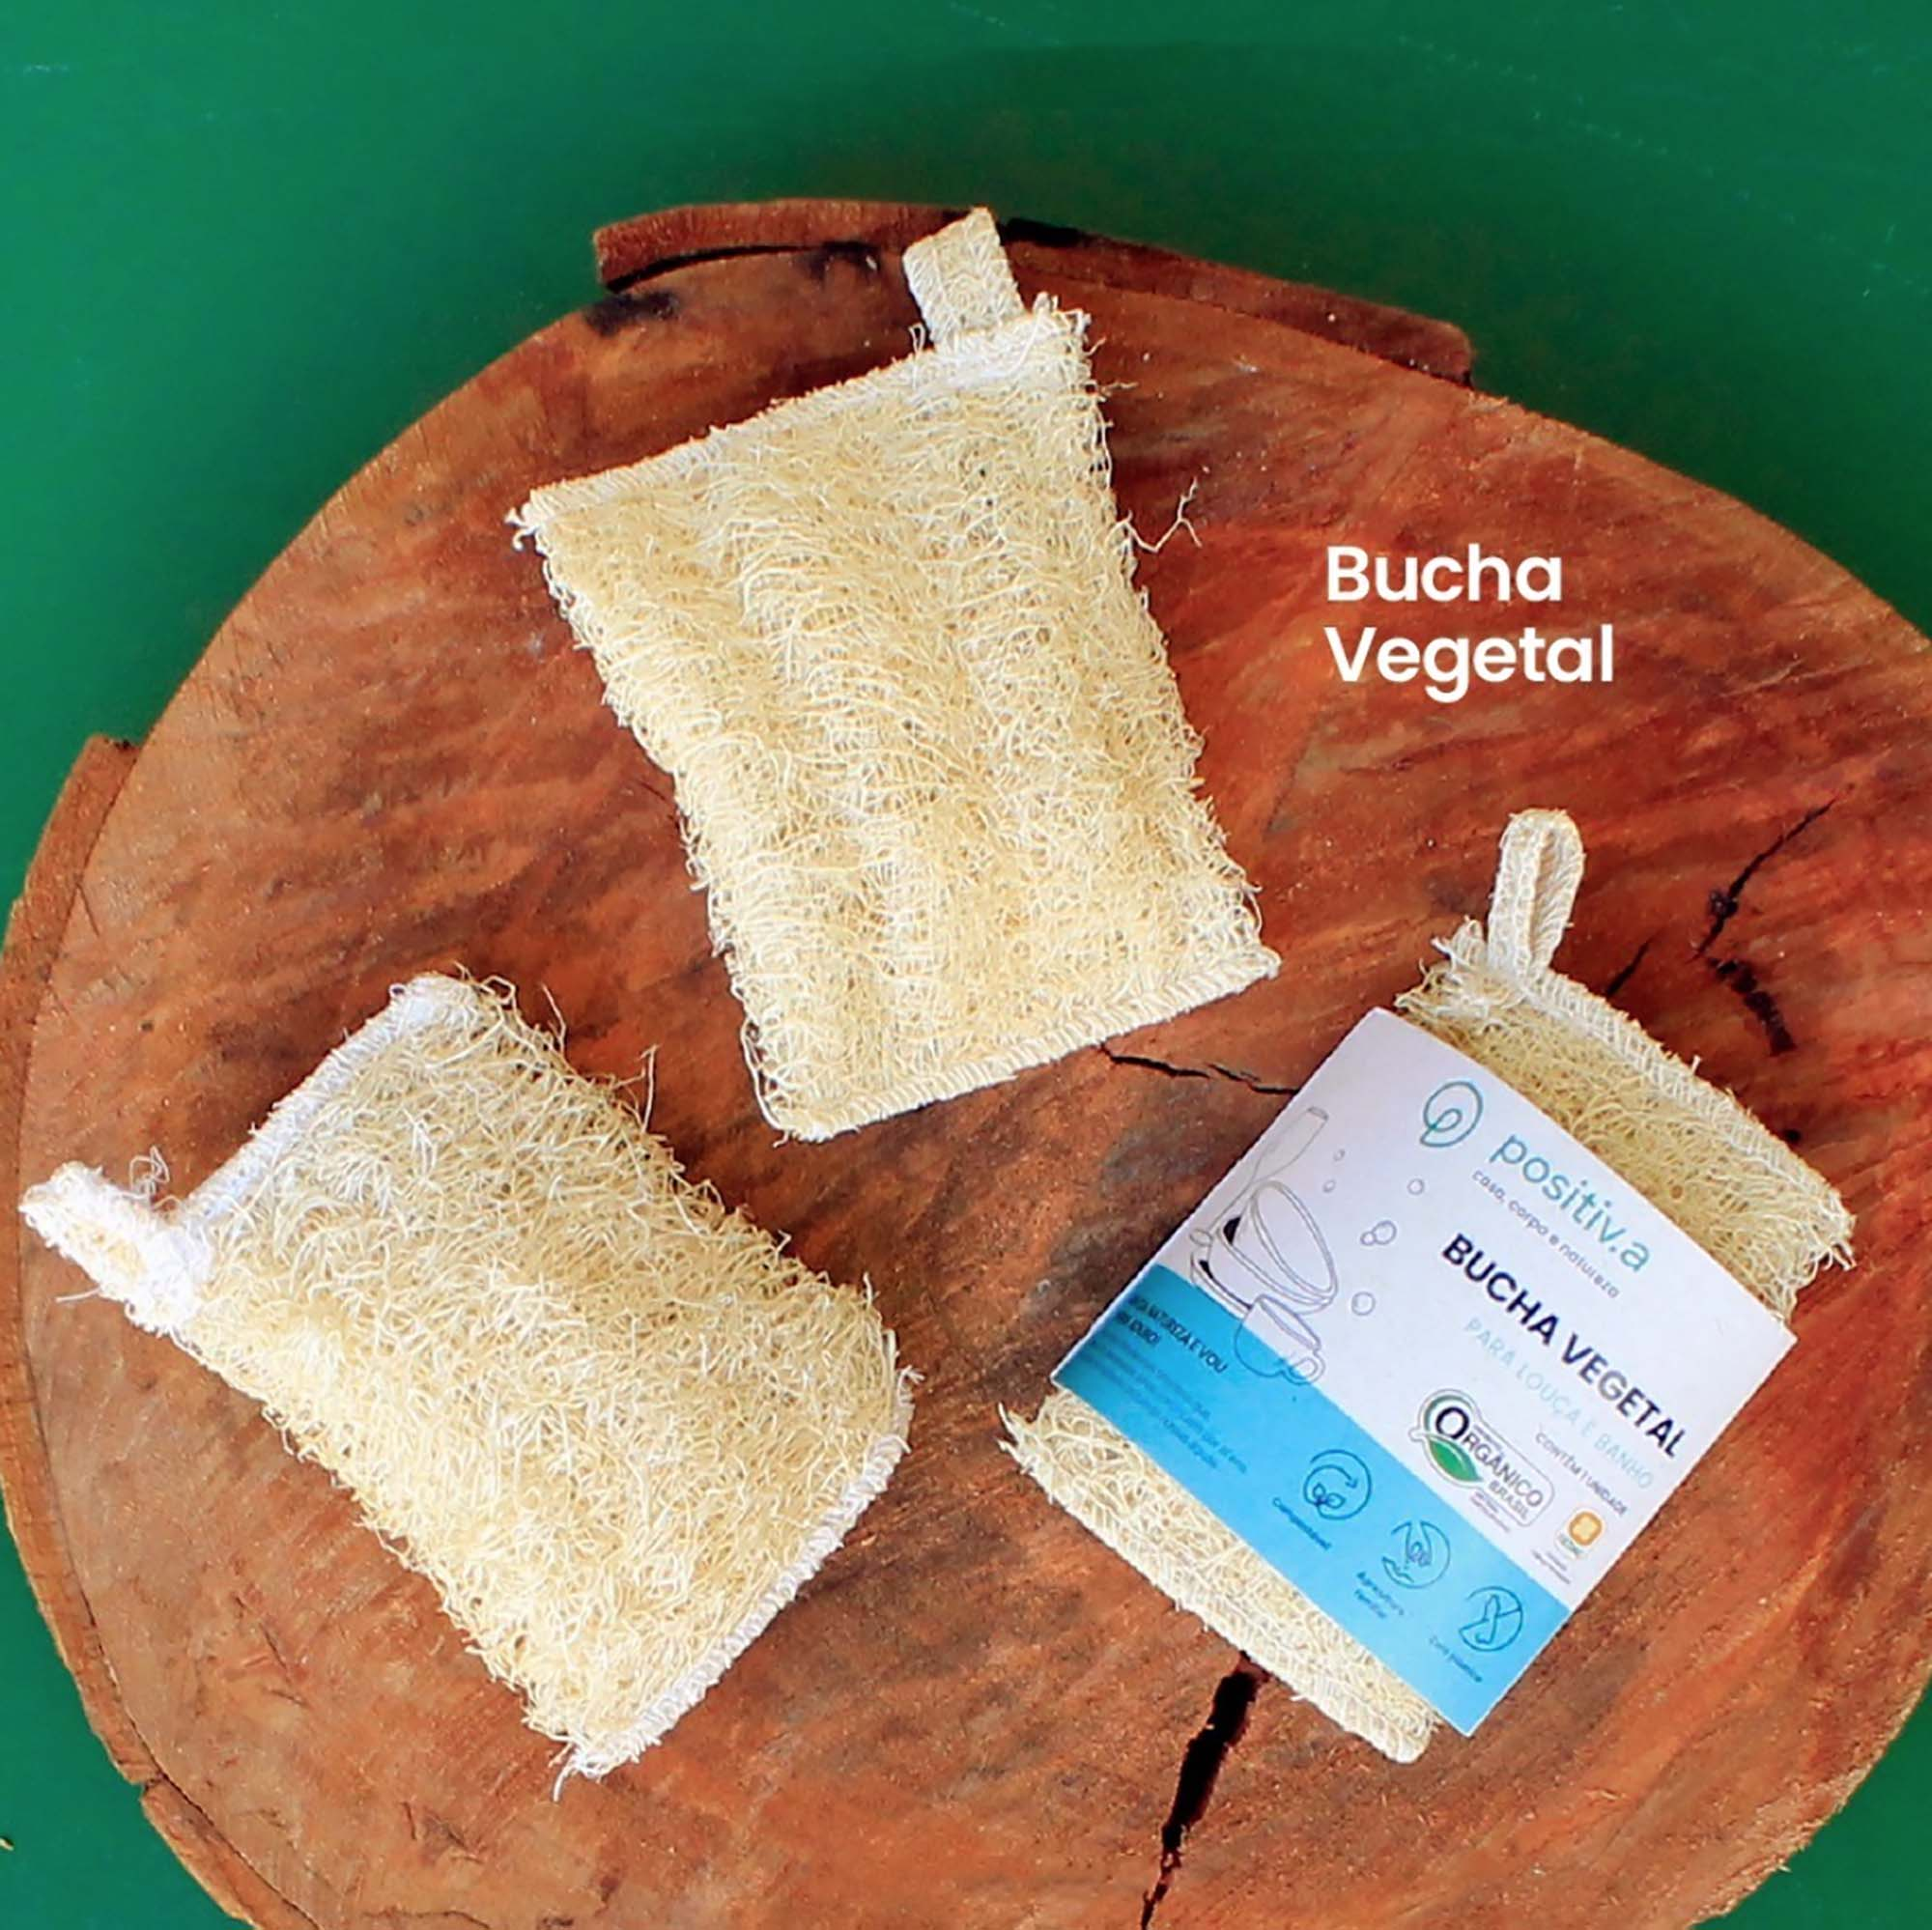 Bucha Vegetal Positiva - Esponja para louças ou banho